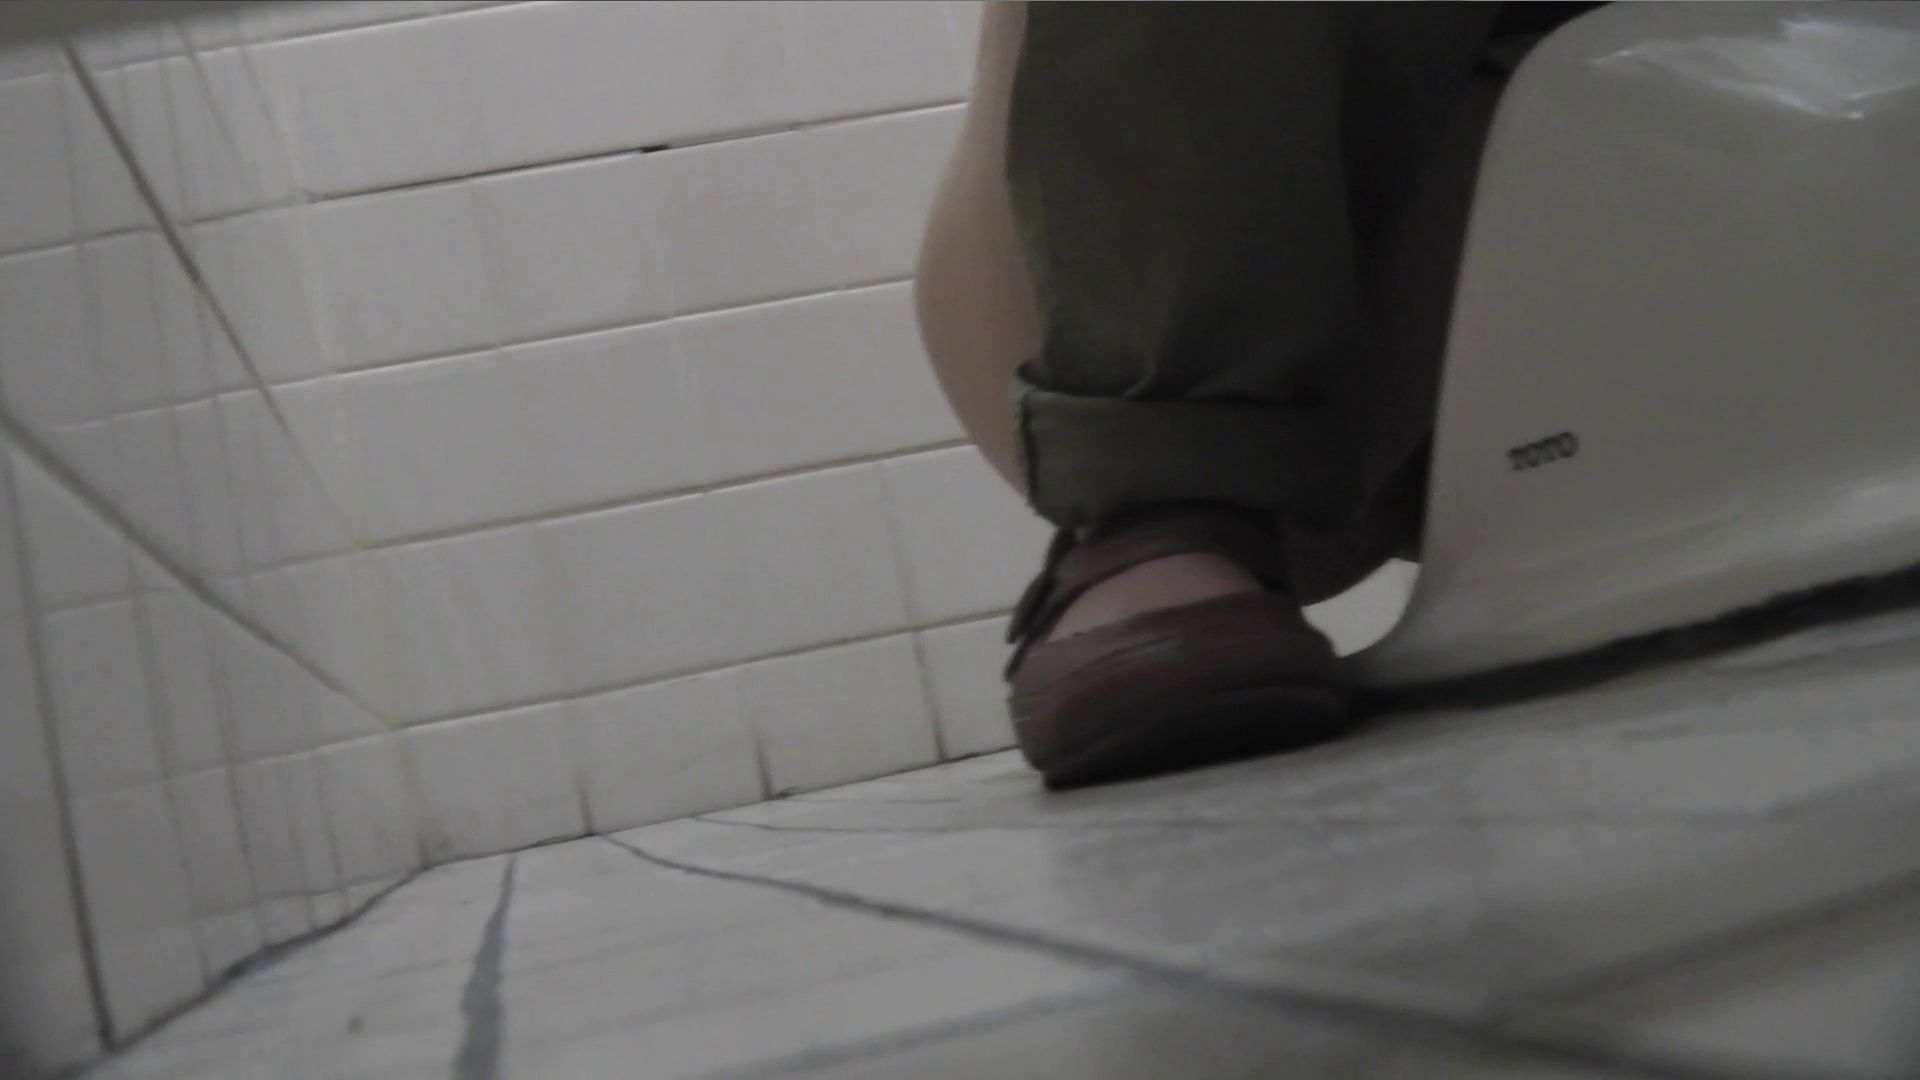 vol.09 命がけ潜伏洗面所! 残念!パンツについちゃいました。 プライベート 盗撮エロ画像 105画像 55